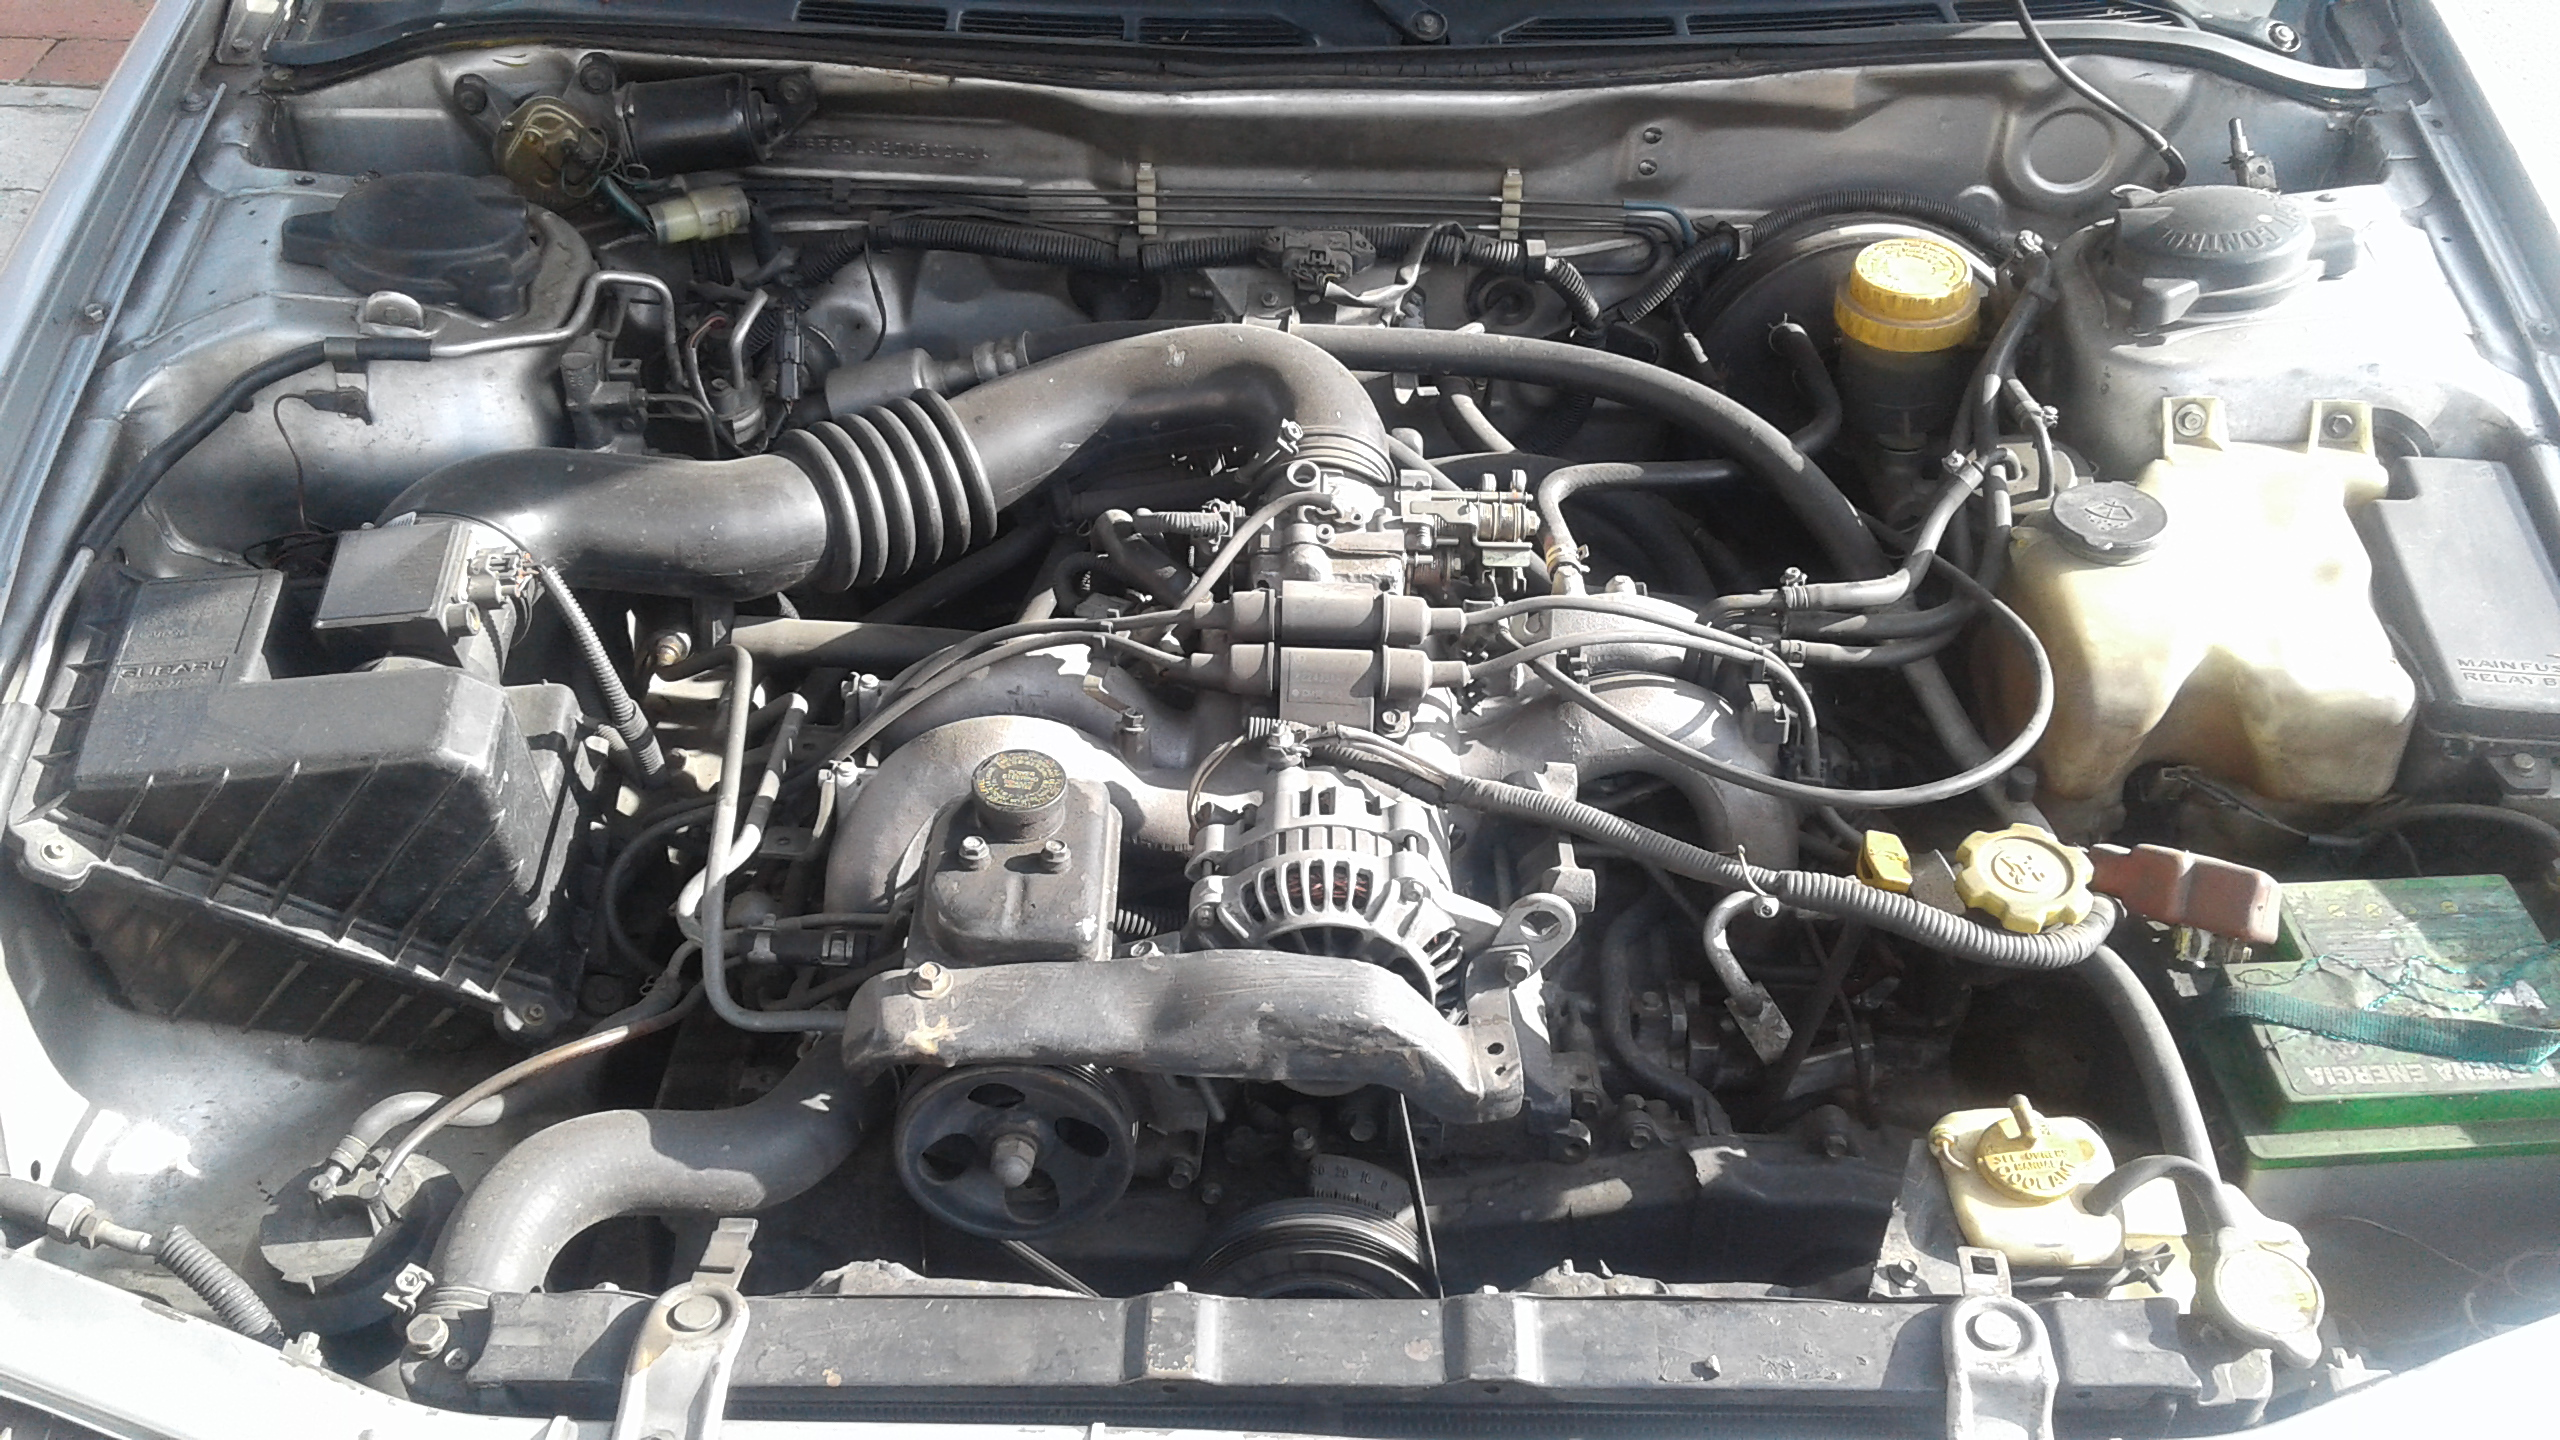 Venta Subaru Legacy 1993 1.8 AWD Motor